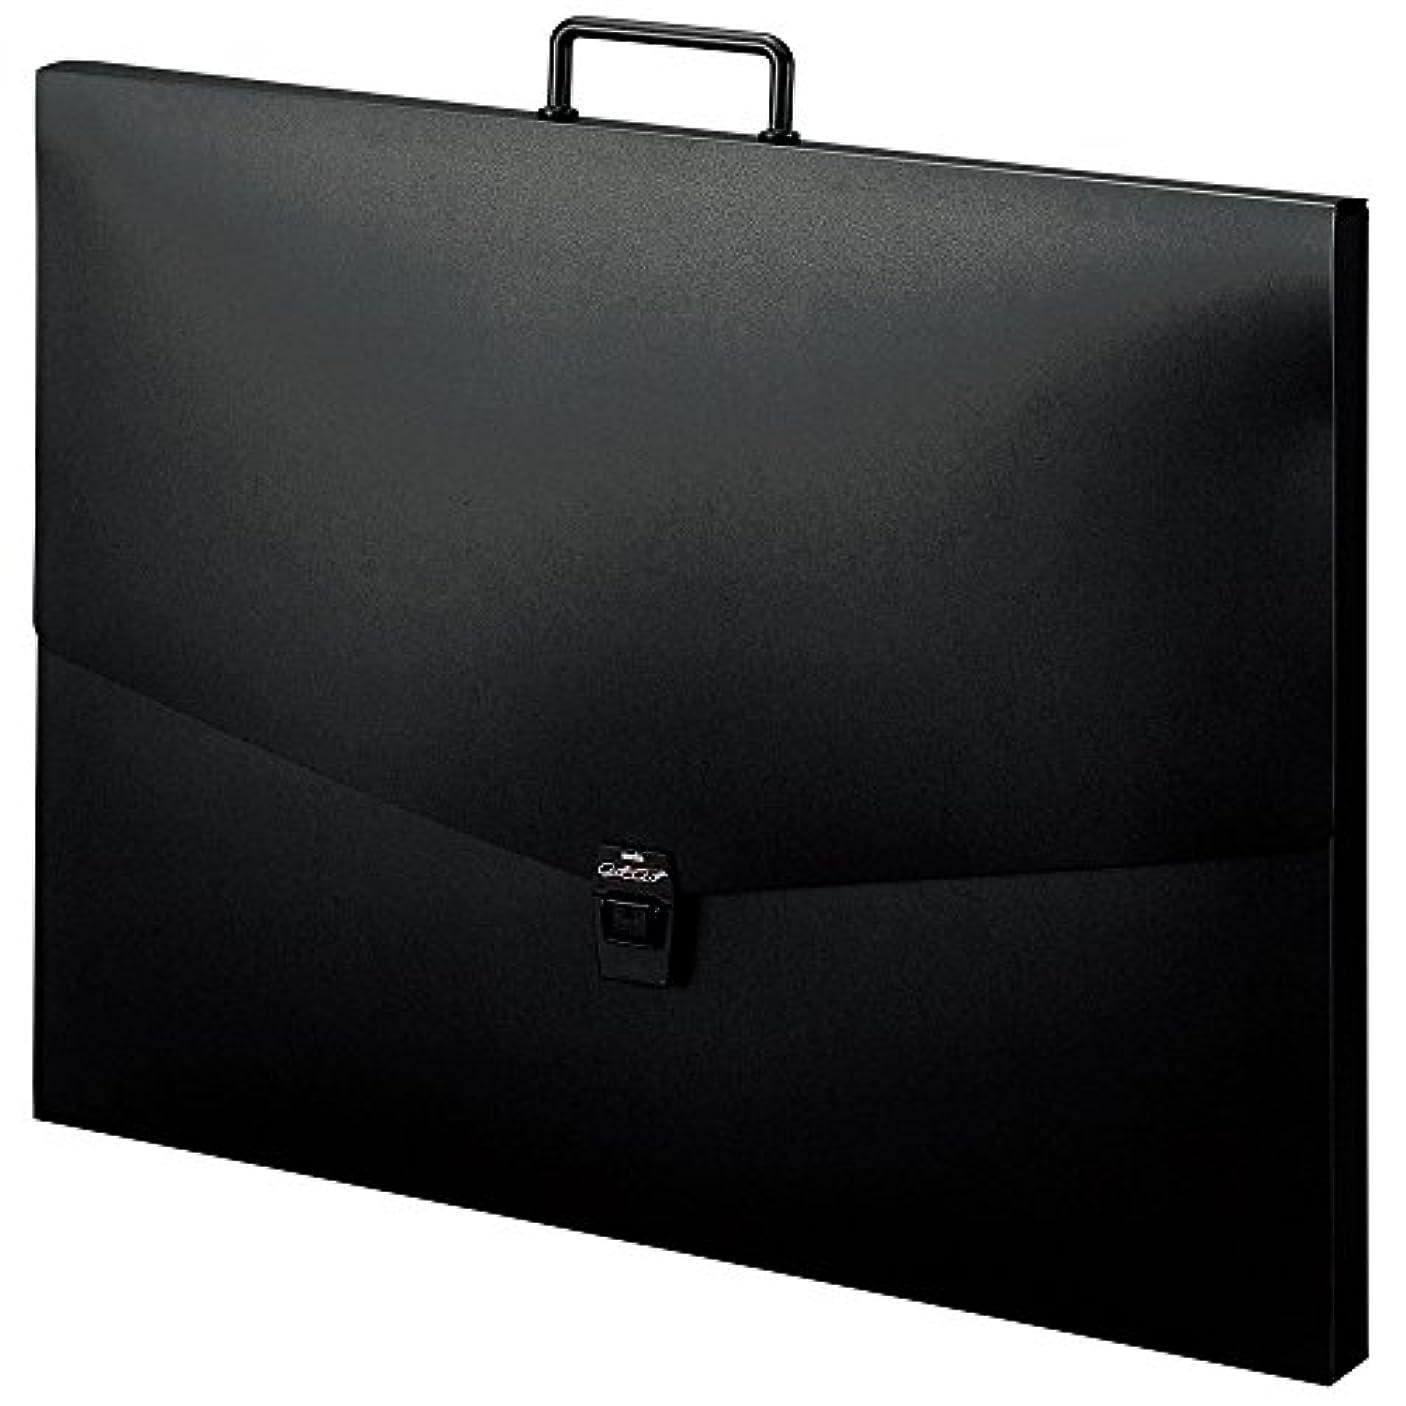 永遠にタイプ教師の日セキセイ ドキュメントファイル アルタートケース 四切 ブラック ART-850